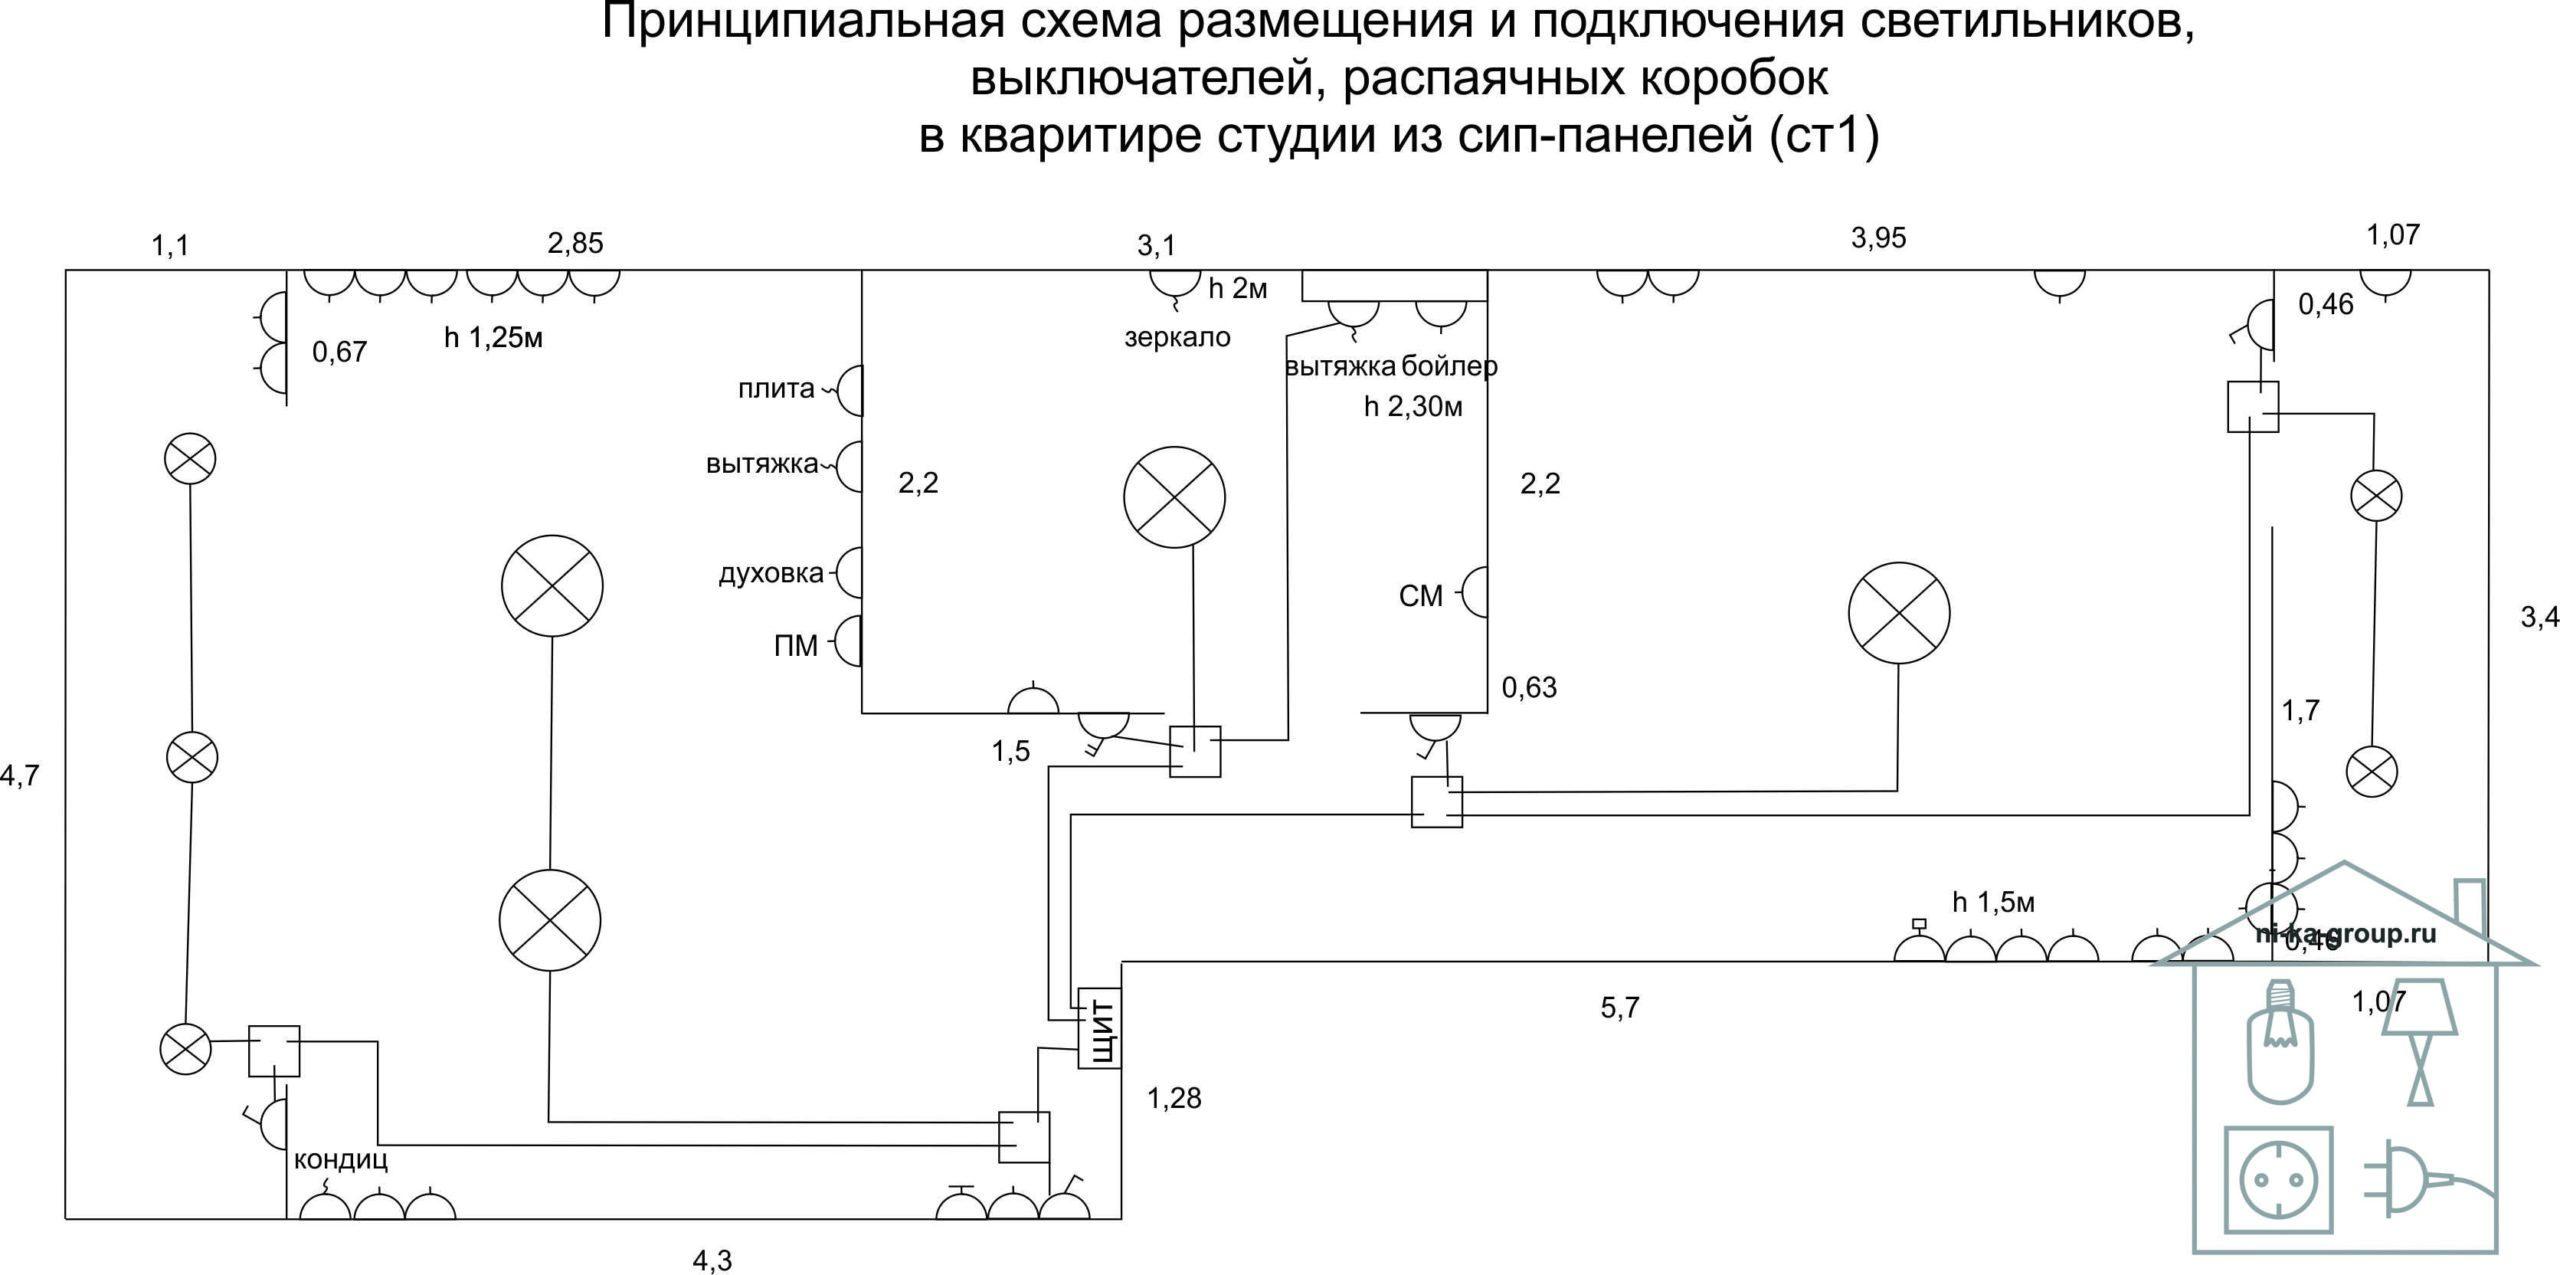 Электрическая схема подключения линий освещения в квартире студии